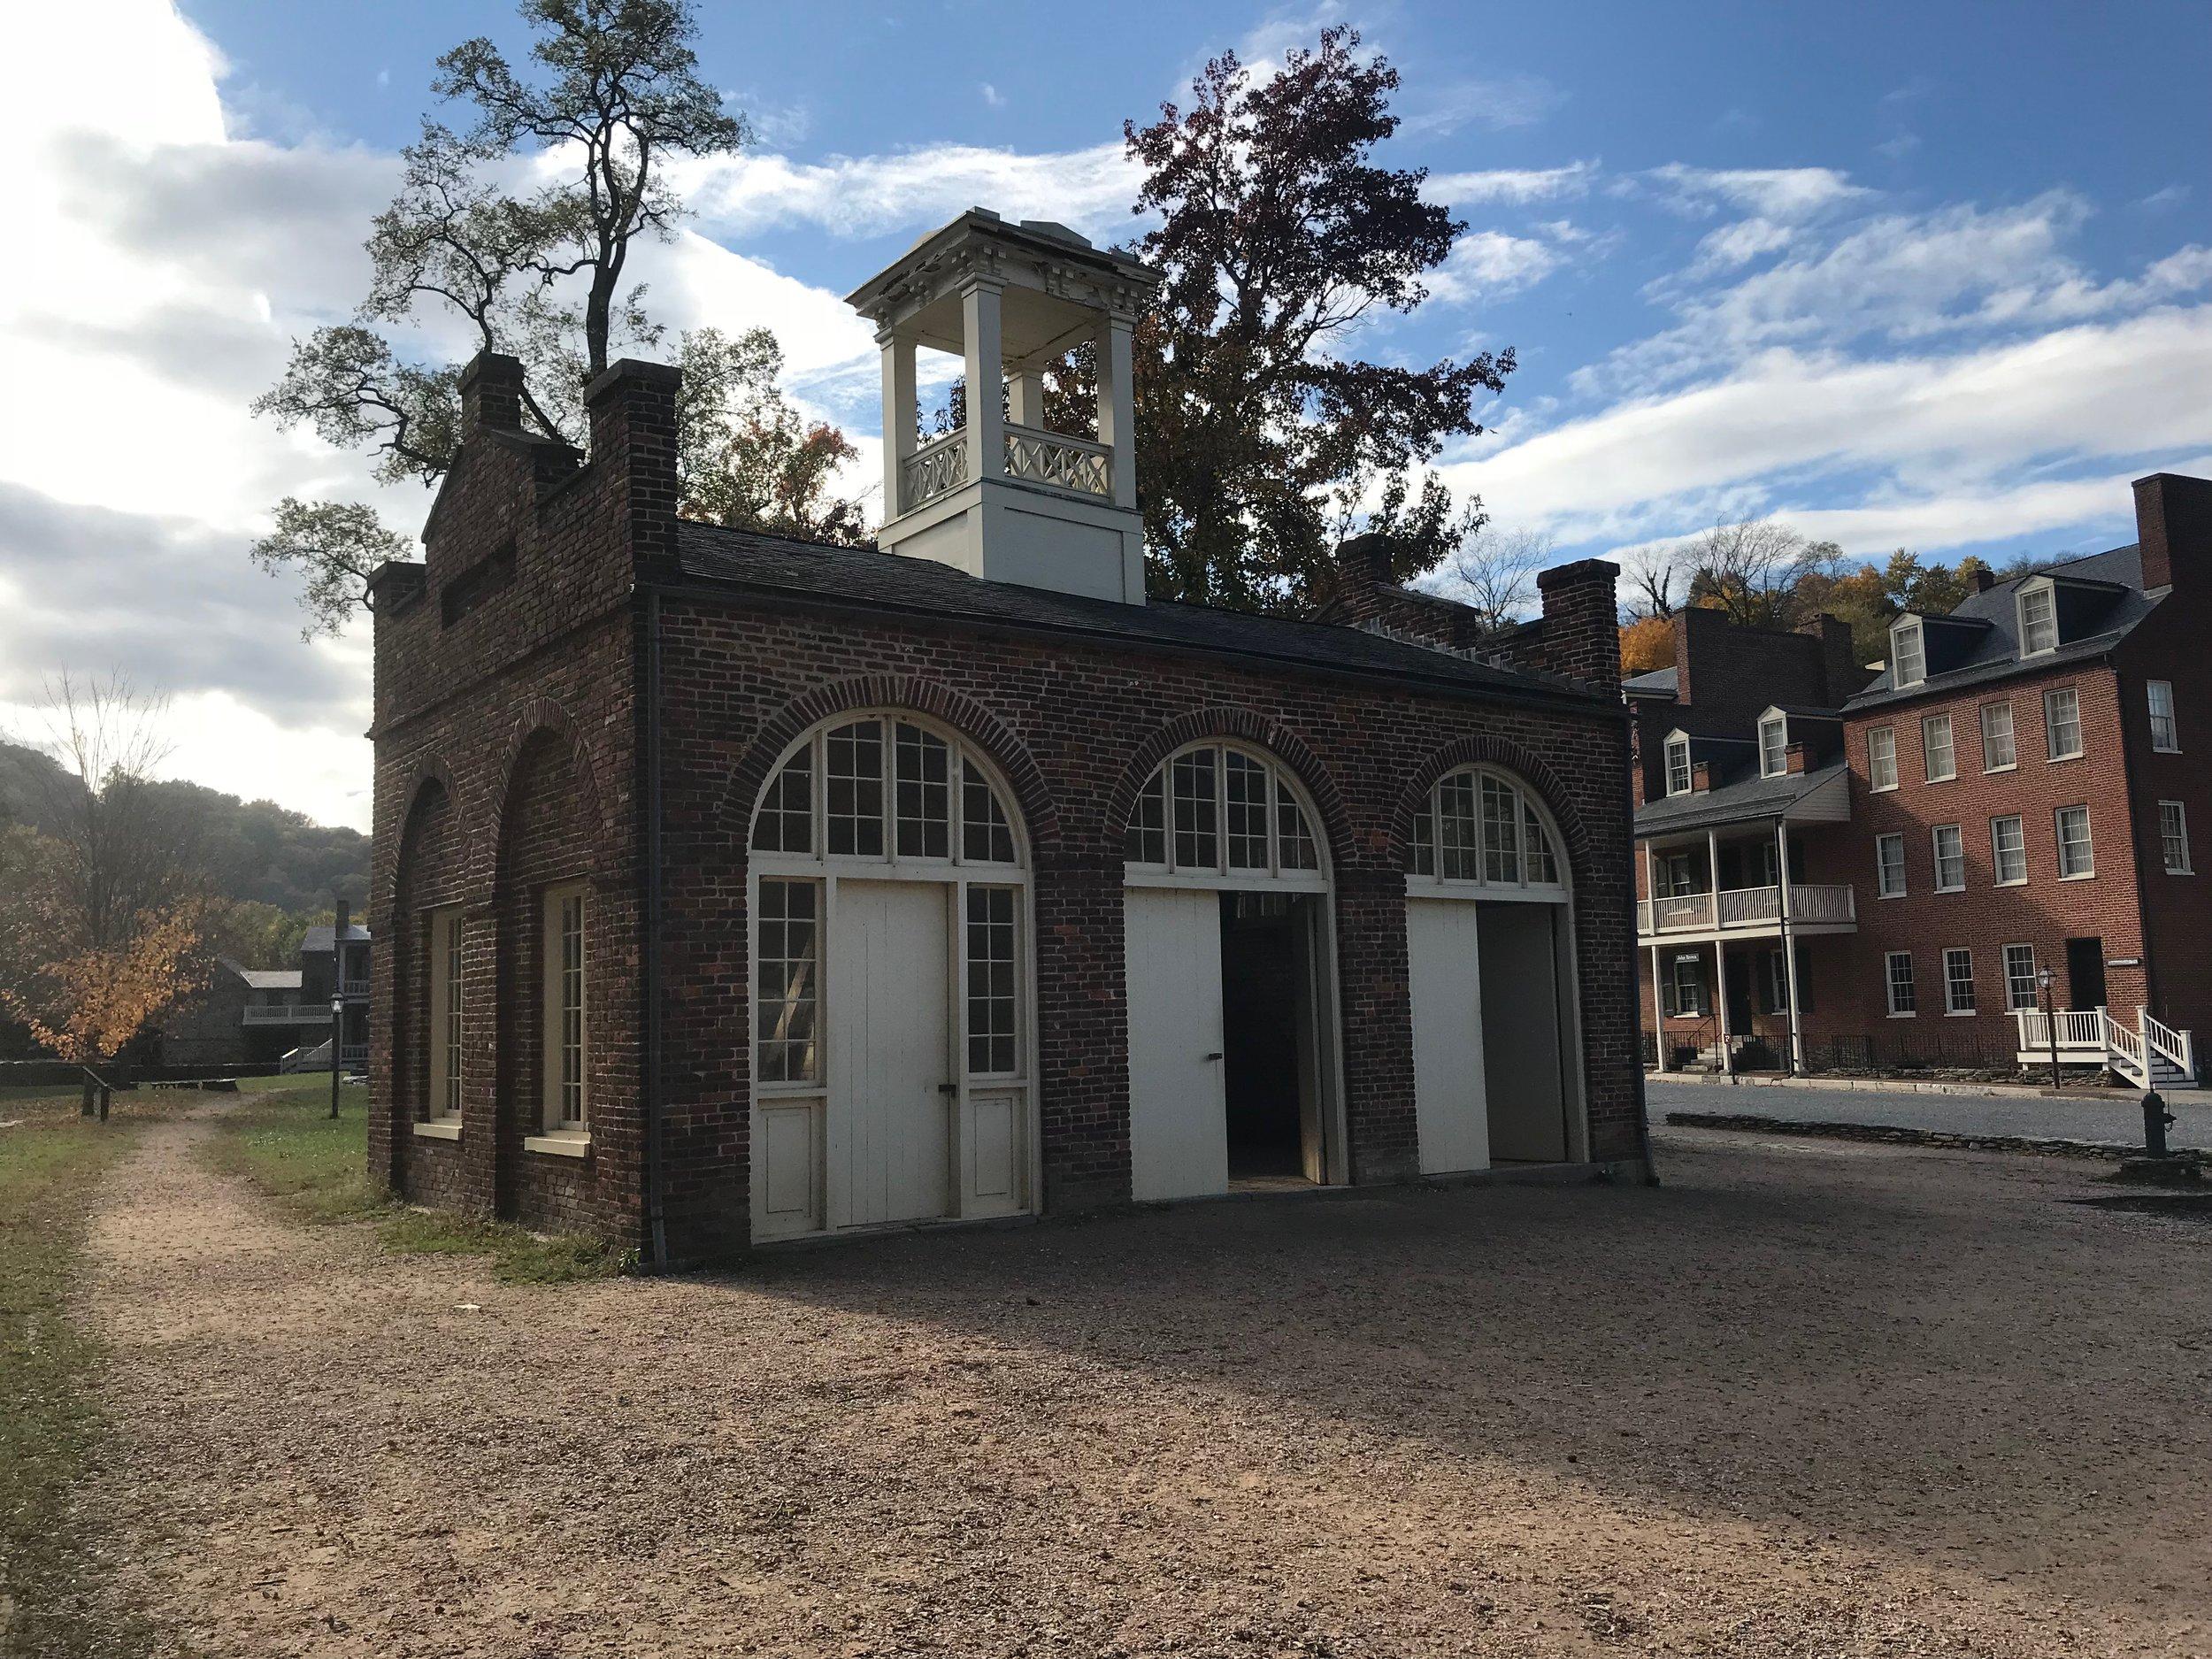 John Brown's Fort